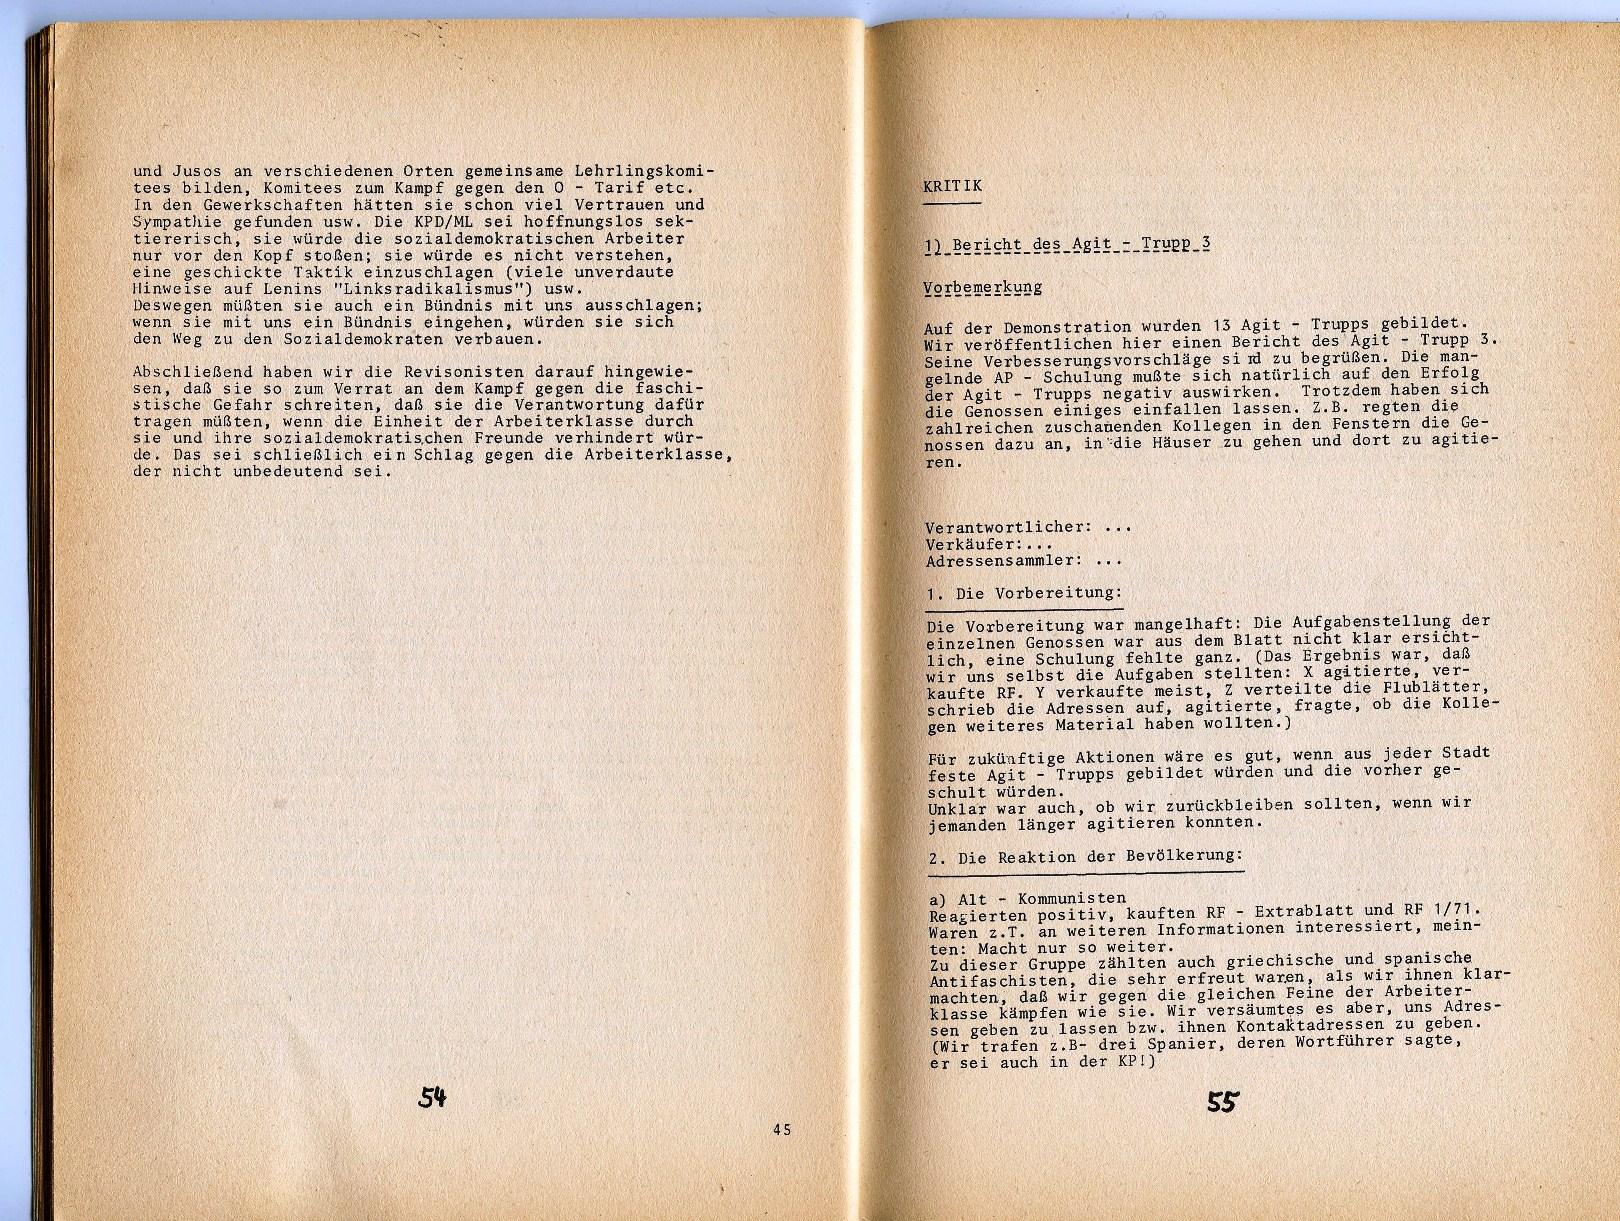 ZB_Parteiarbeiter_1971_Sondernummer_29